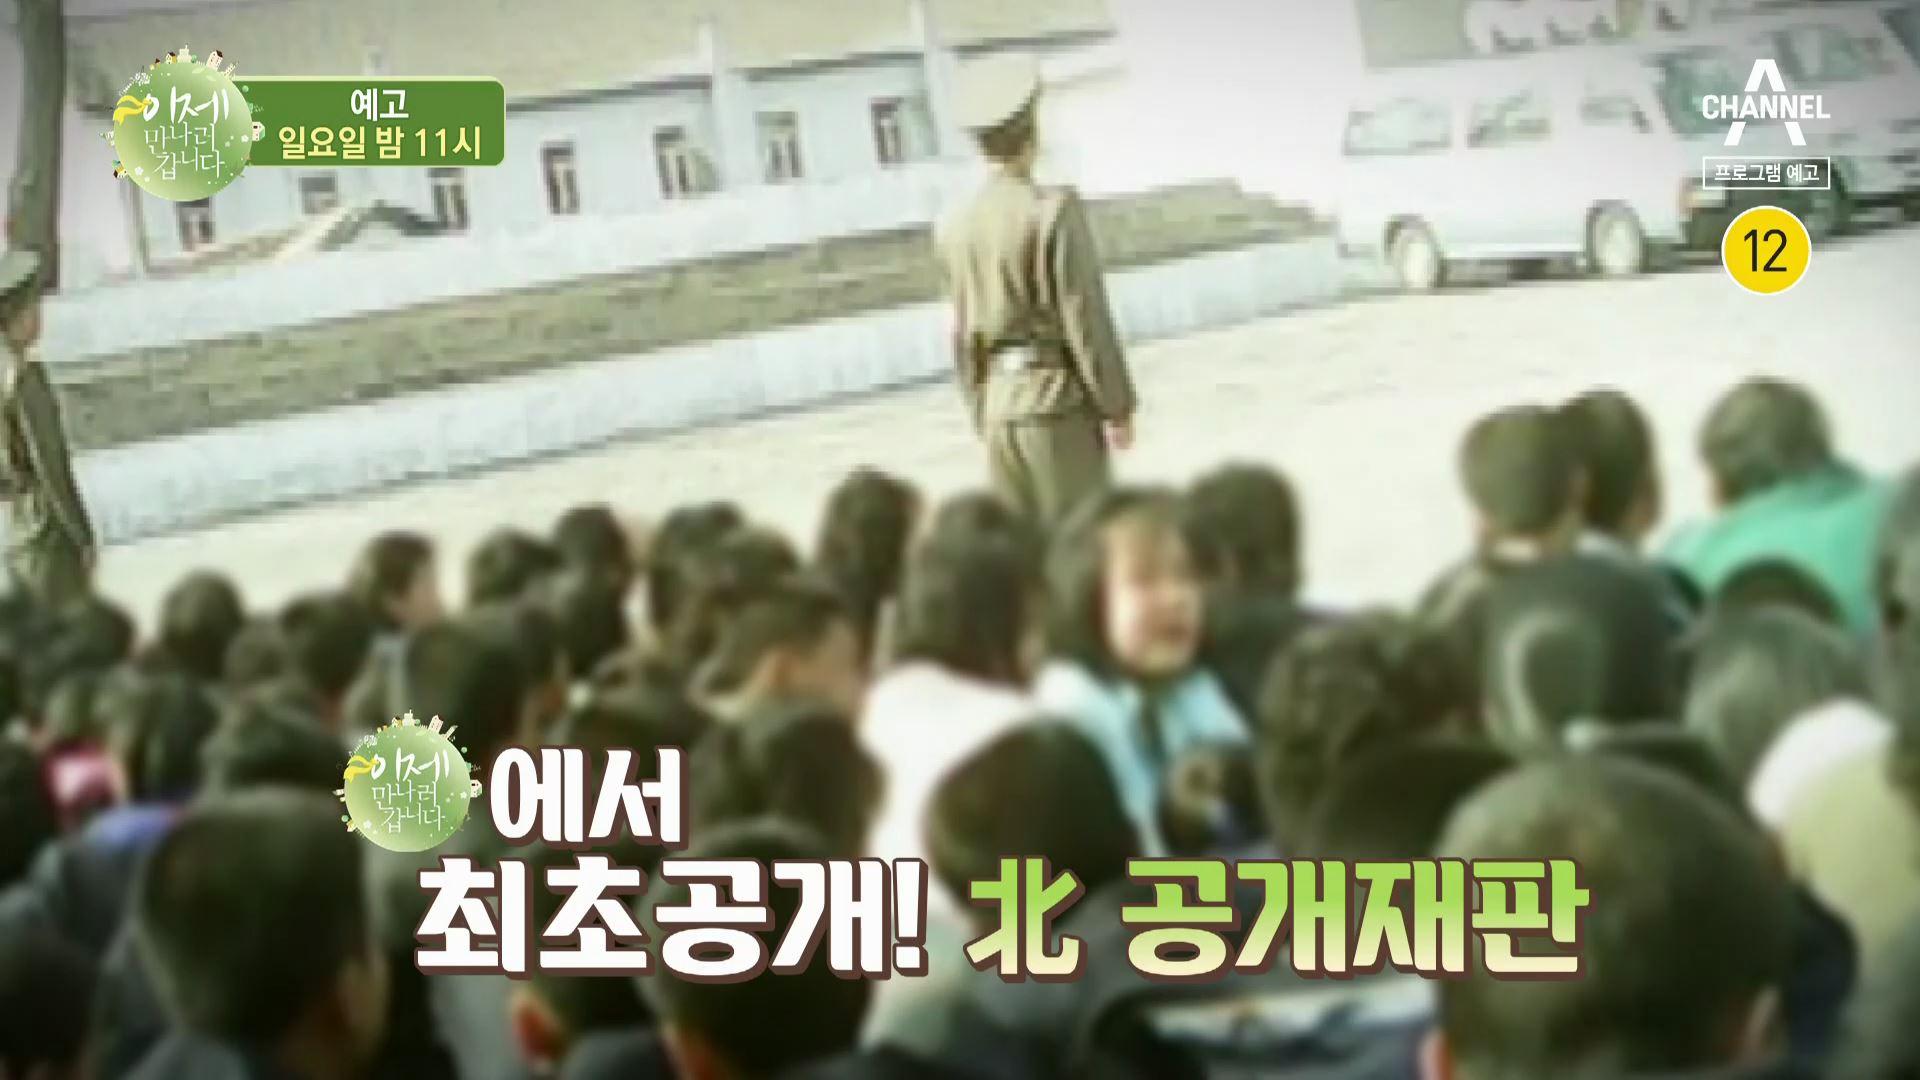 [예고] 최초공개! 북한 공개재판! 북한의 실상을 알리....